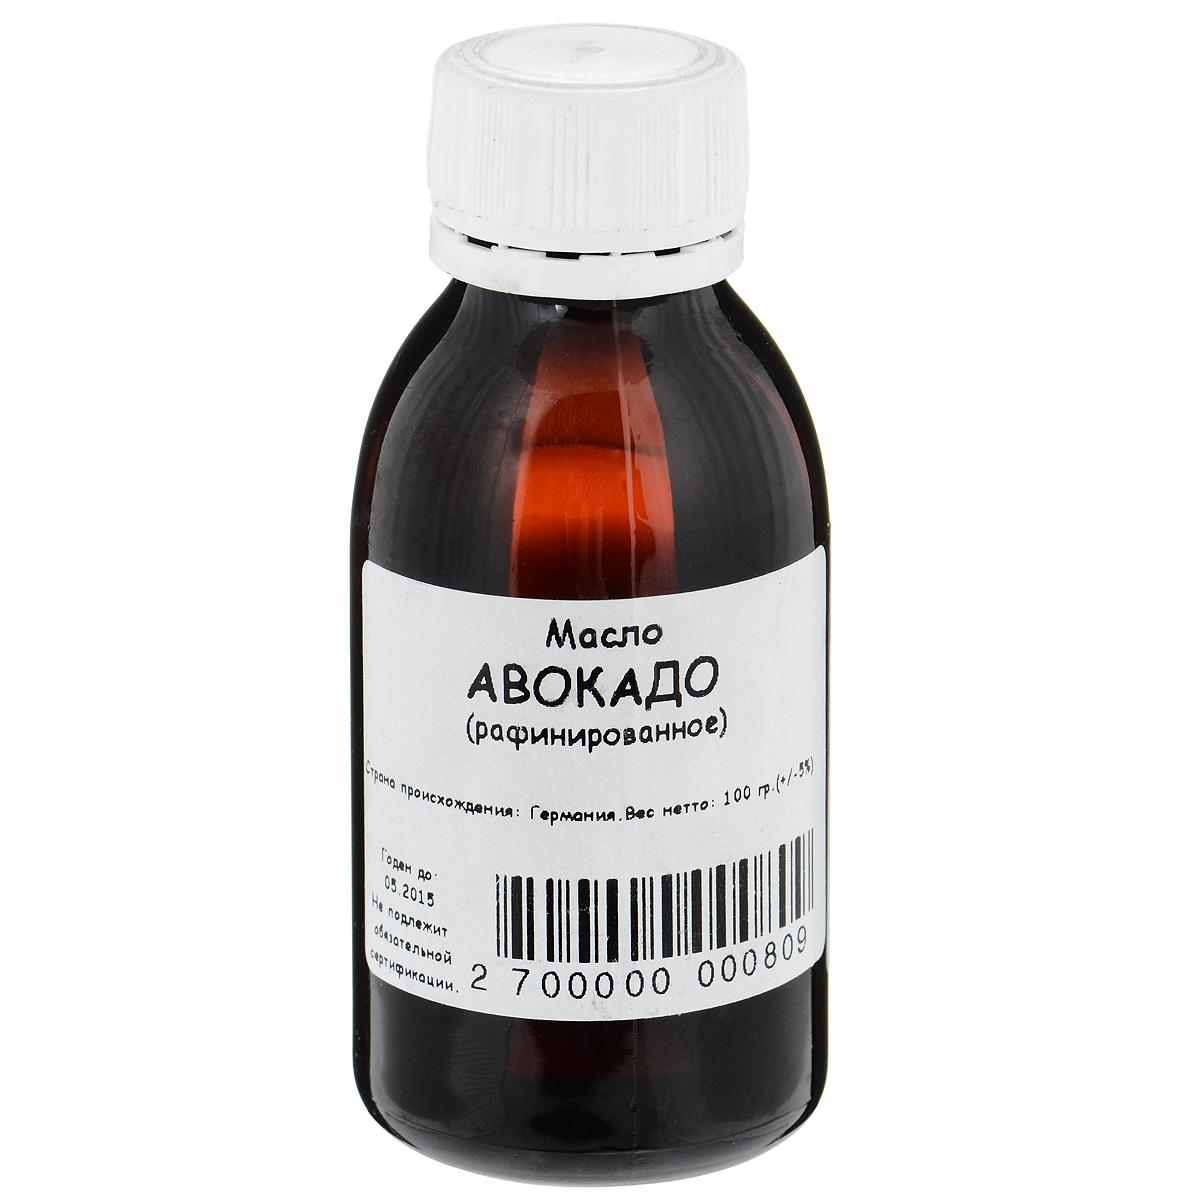 Масло Авокадо, рафинированное, 100 грFS-54102Масло авокадо восстанавливает защитные функции эпидермиса благодаря высокой концентрации полиненасыщенных жирных кислот. Витамины А и Е придадут мылу антиоксидантные свойства. Оказывает увлажняющее, регенерирующее, защитное действие для кожи и волос, плюс противовоспалительное и омолаживающее действие.Рекомендуется использовать для ухода за сухой кожей. Для быстрого восстановления целостности и однородности кожи при небольших воспалениях; для ухода за волосами, особенно окрашенными; для укрепления и роста ногтей и устранения воспаления ногтевого валика.Для питания и массажа втирать в кожу легкими движениями.Для очищения кожи лица нанести на смоченный водой тампон насколько капель масла и протереть кожу.Для ухода за волосами с целью устранения ломкости и придания им естественного блеска втирать в кожу головы за 2 часа до мытья волос.Для снятия воспаления и раздражения кожи смешать 5 мл масла с 1-2 каплями эфирного масла апельсина, жасмина, иланг-иланга или лаванды. Втирать смесь в кожу массажными движениями. Товар может быть использован в качестве добавки при создании мыла в домашних условиях.